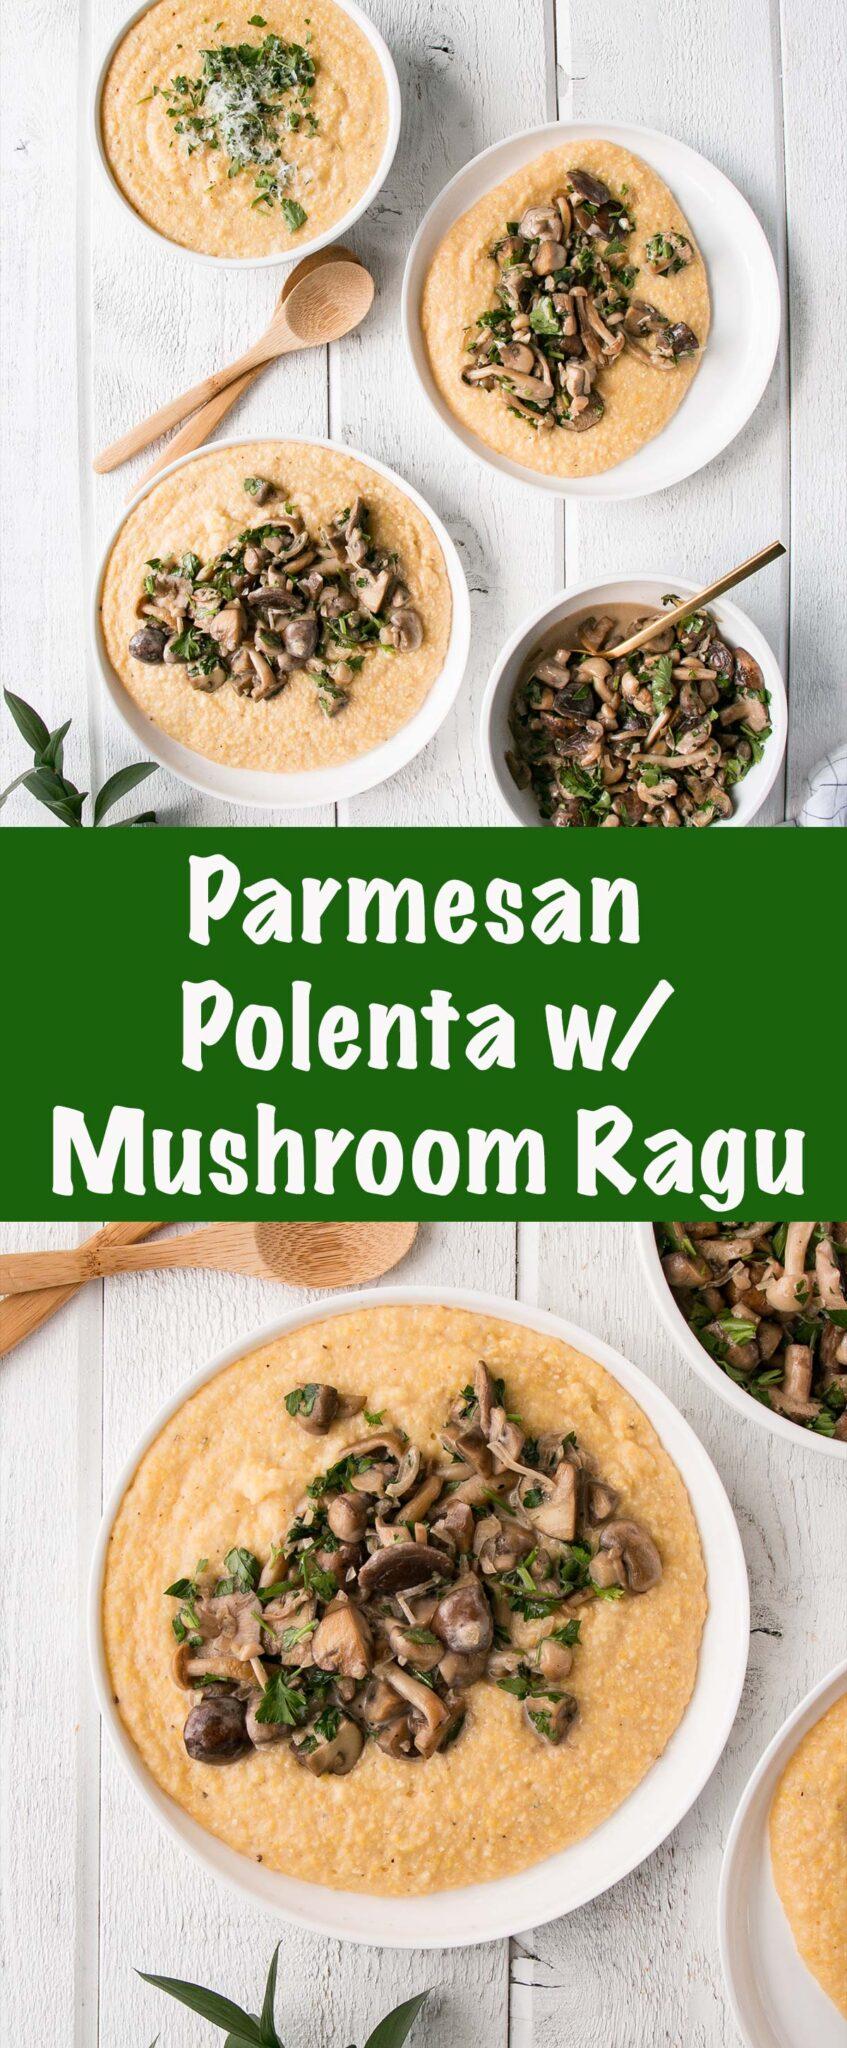 Parmesan Polenta with Mushroom Ragu